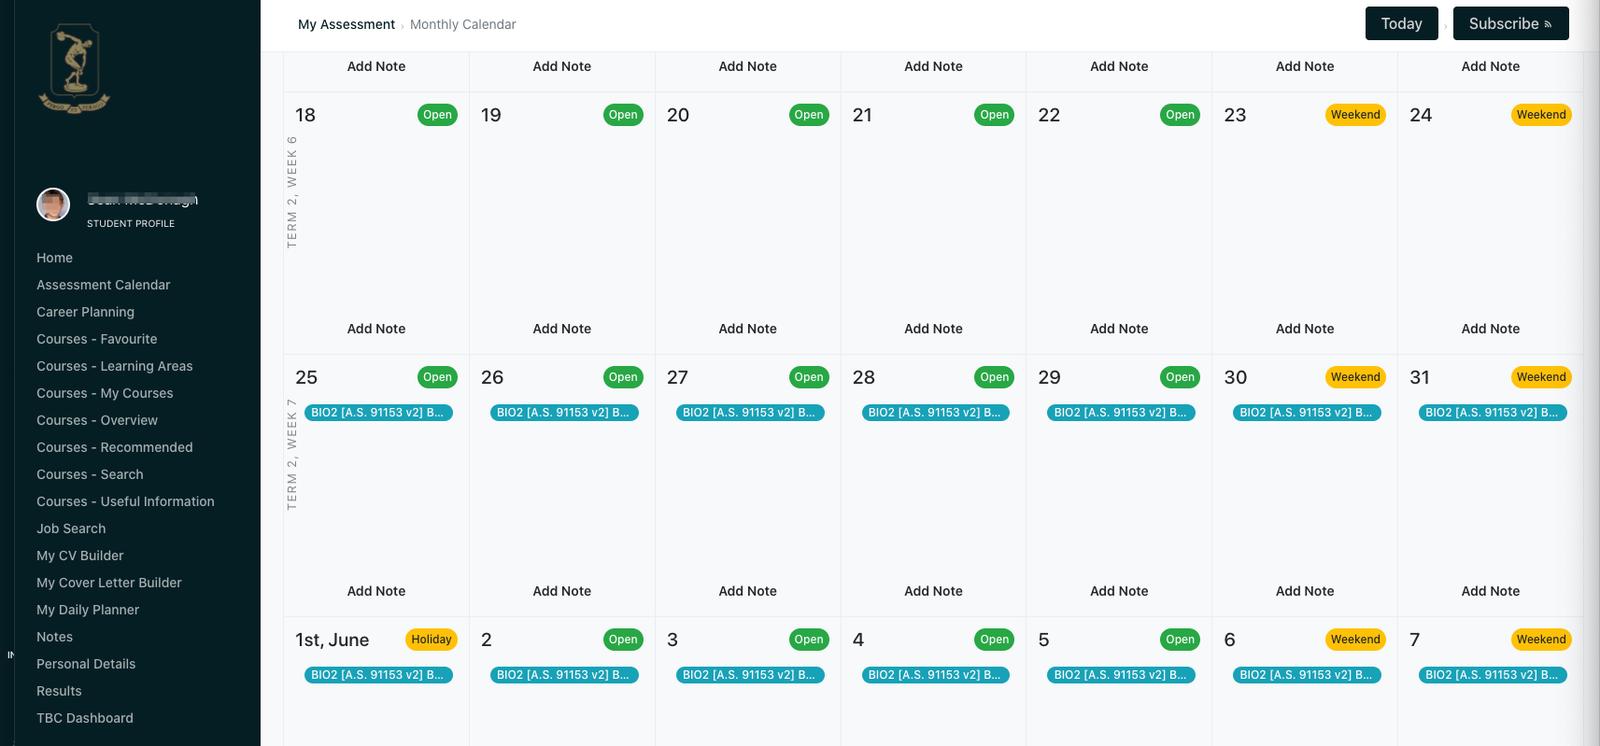 Student View of Assessment Calendar